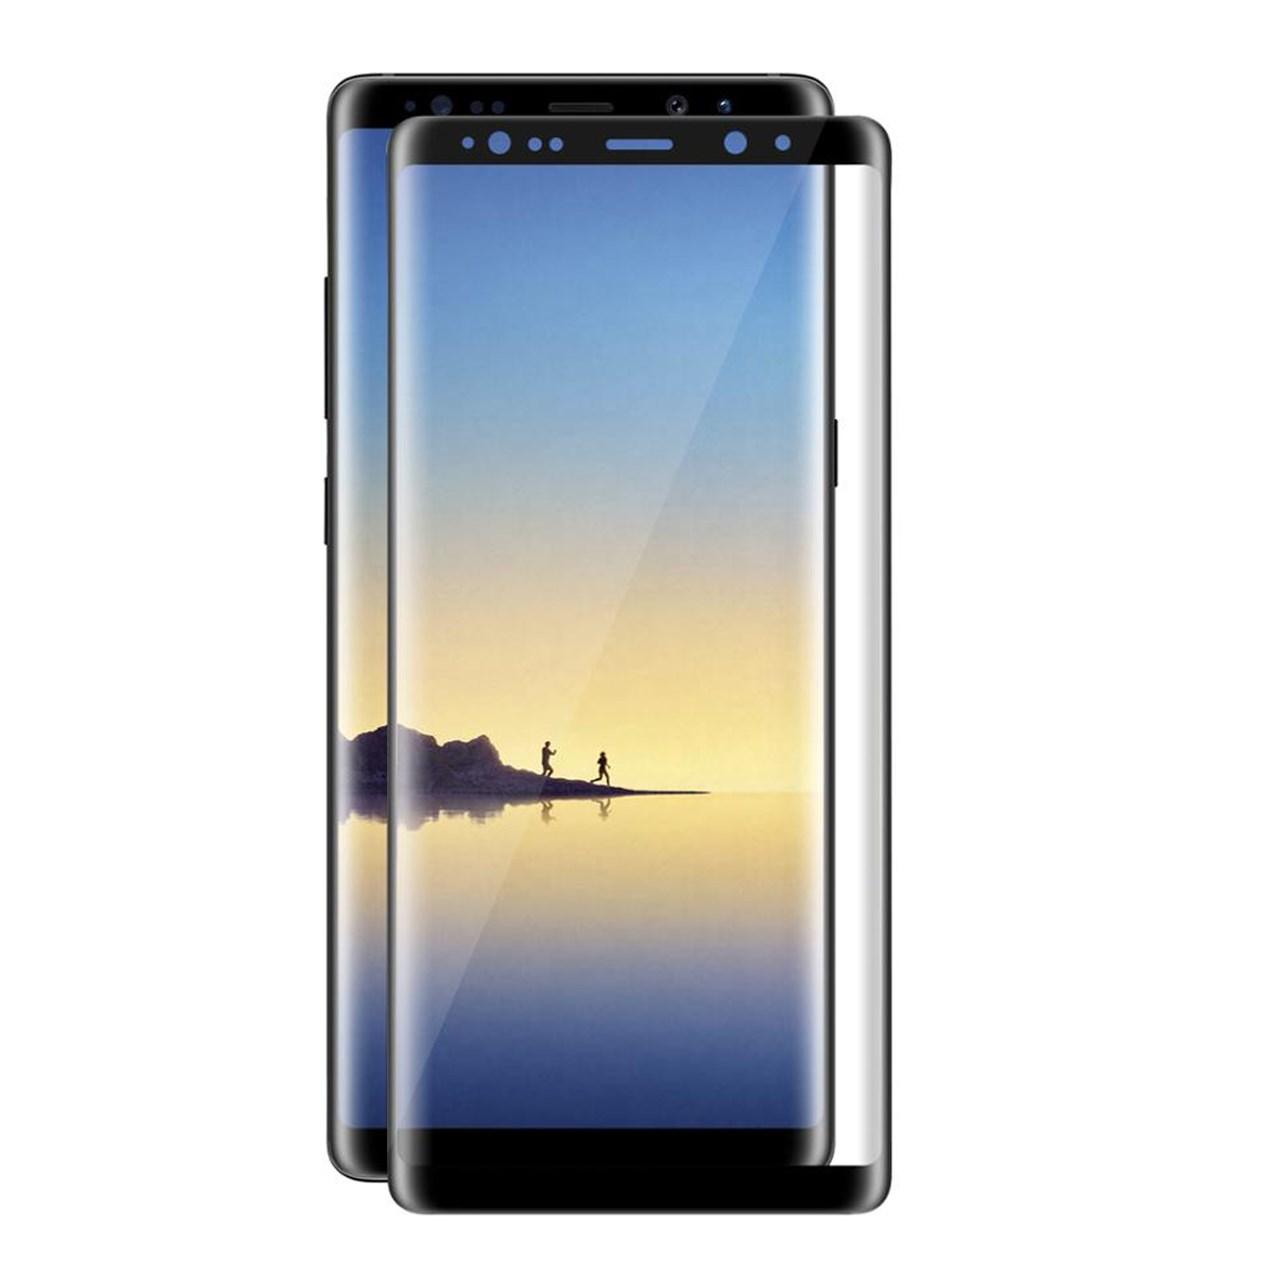 محافظ صفحه نمایش ریمو مدل Full Cover مناسب برای گوشی موبایل سامسونگ Galaxy Note 8